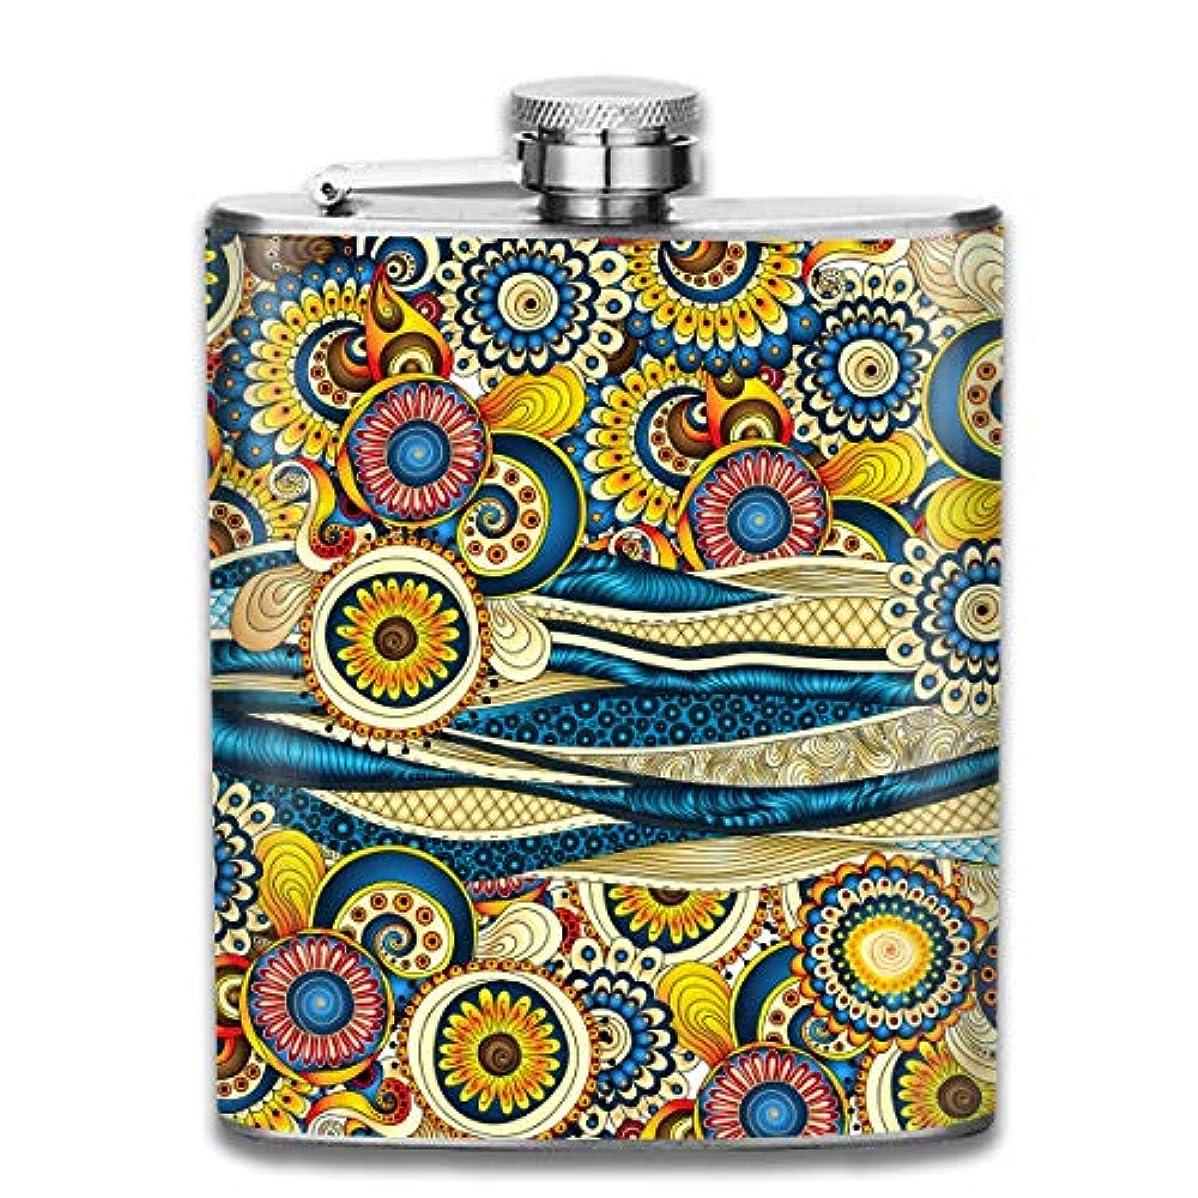 本部オーバーコート不名誉インドのモチーフフラスコ スキットル ヒップフラスコ 7オンス 206ml 高品質ステンレス製 ウイスキー アルコール 清酒 携帯 ボトル